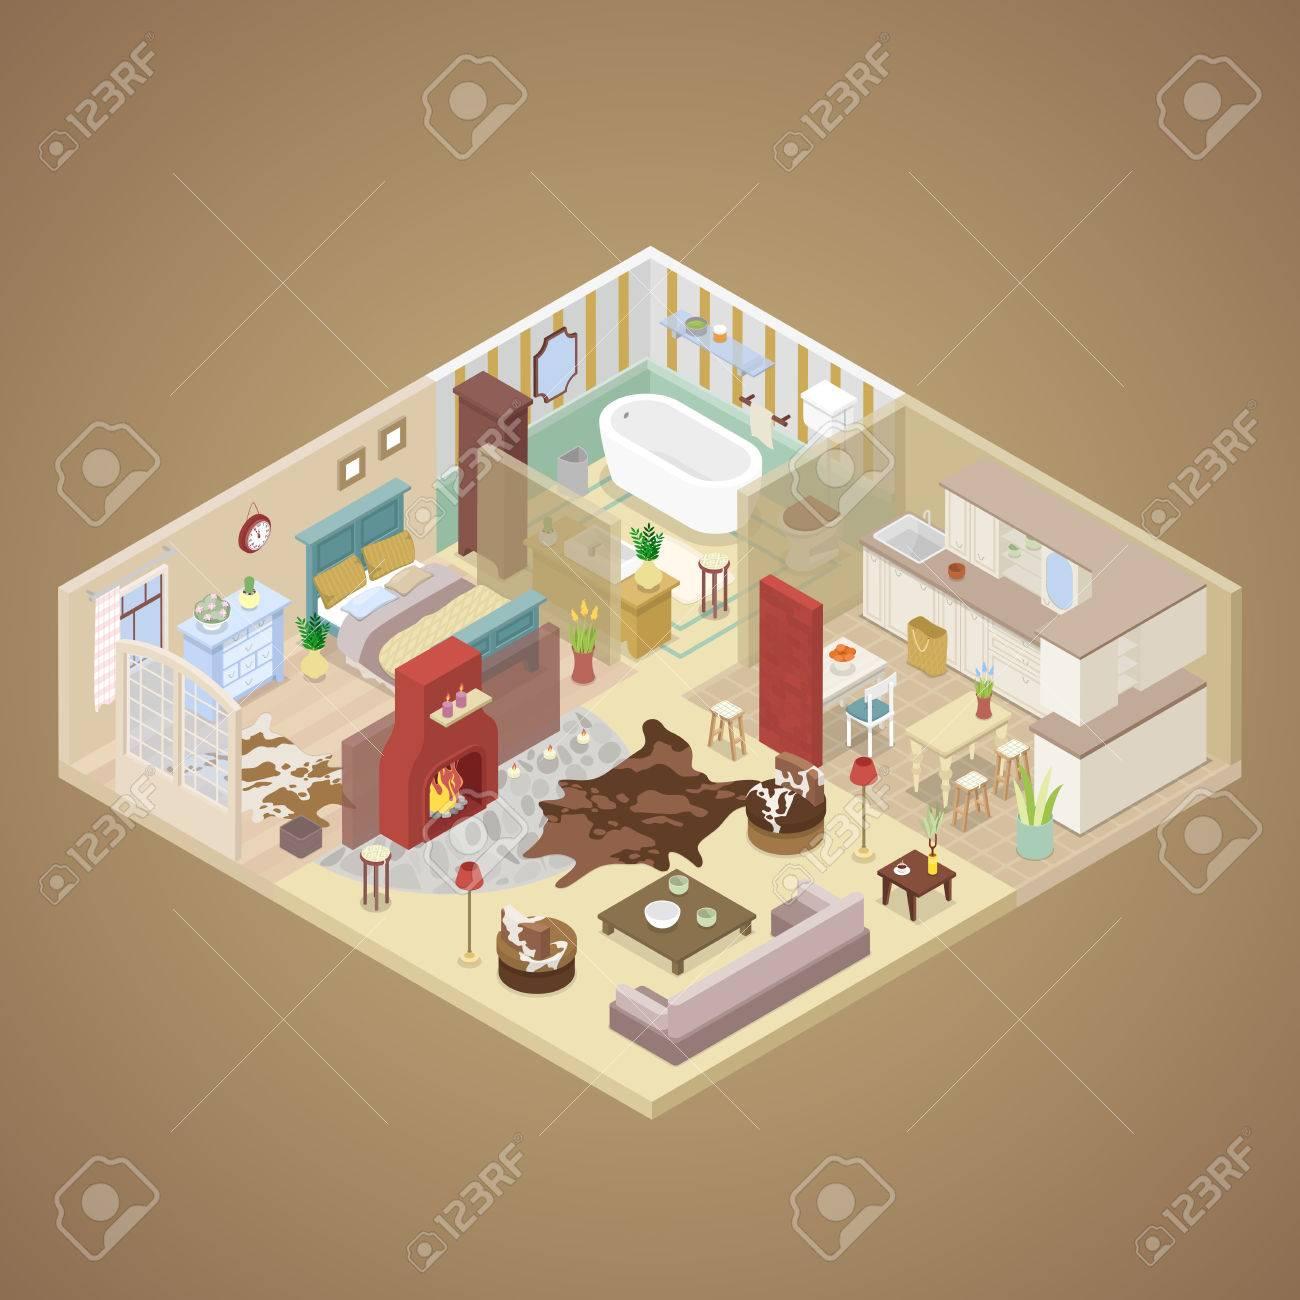 Landhaus Innenarchitektur Mit Wohnzimmer, Schlafzimmer Und Küche.  Isometrische Vektor Flache 3D Darstellung